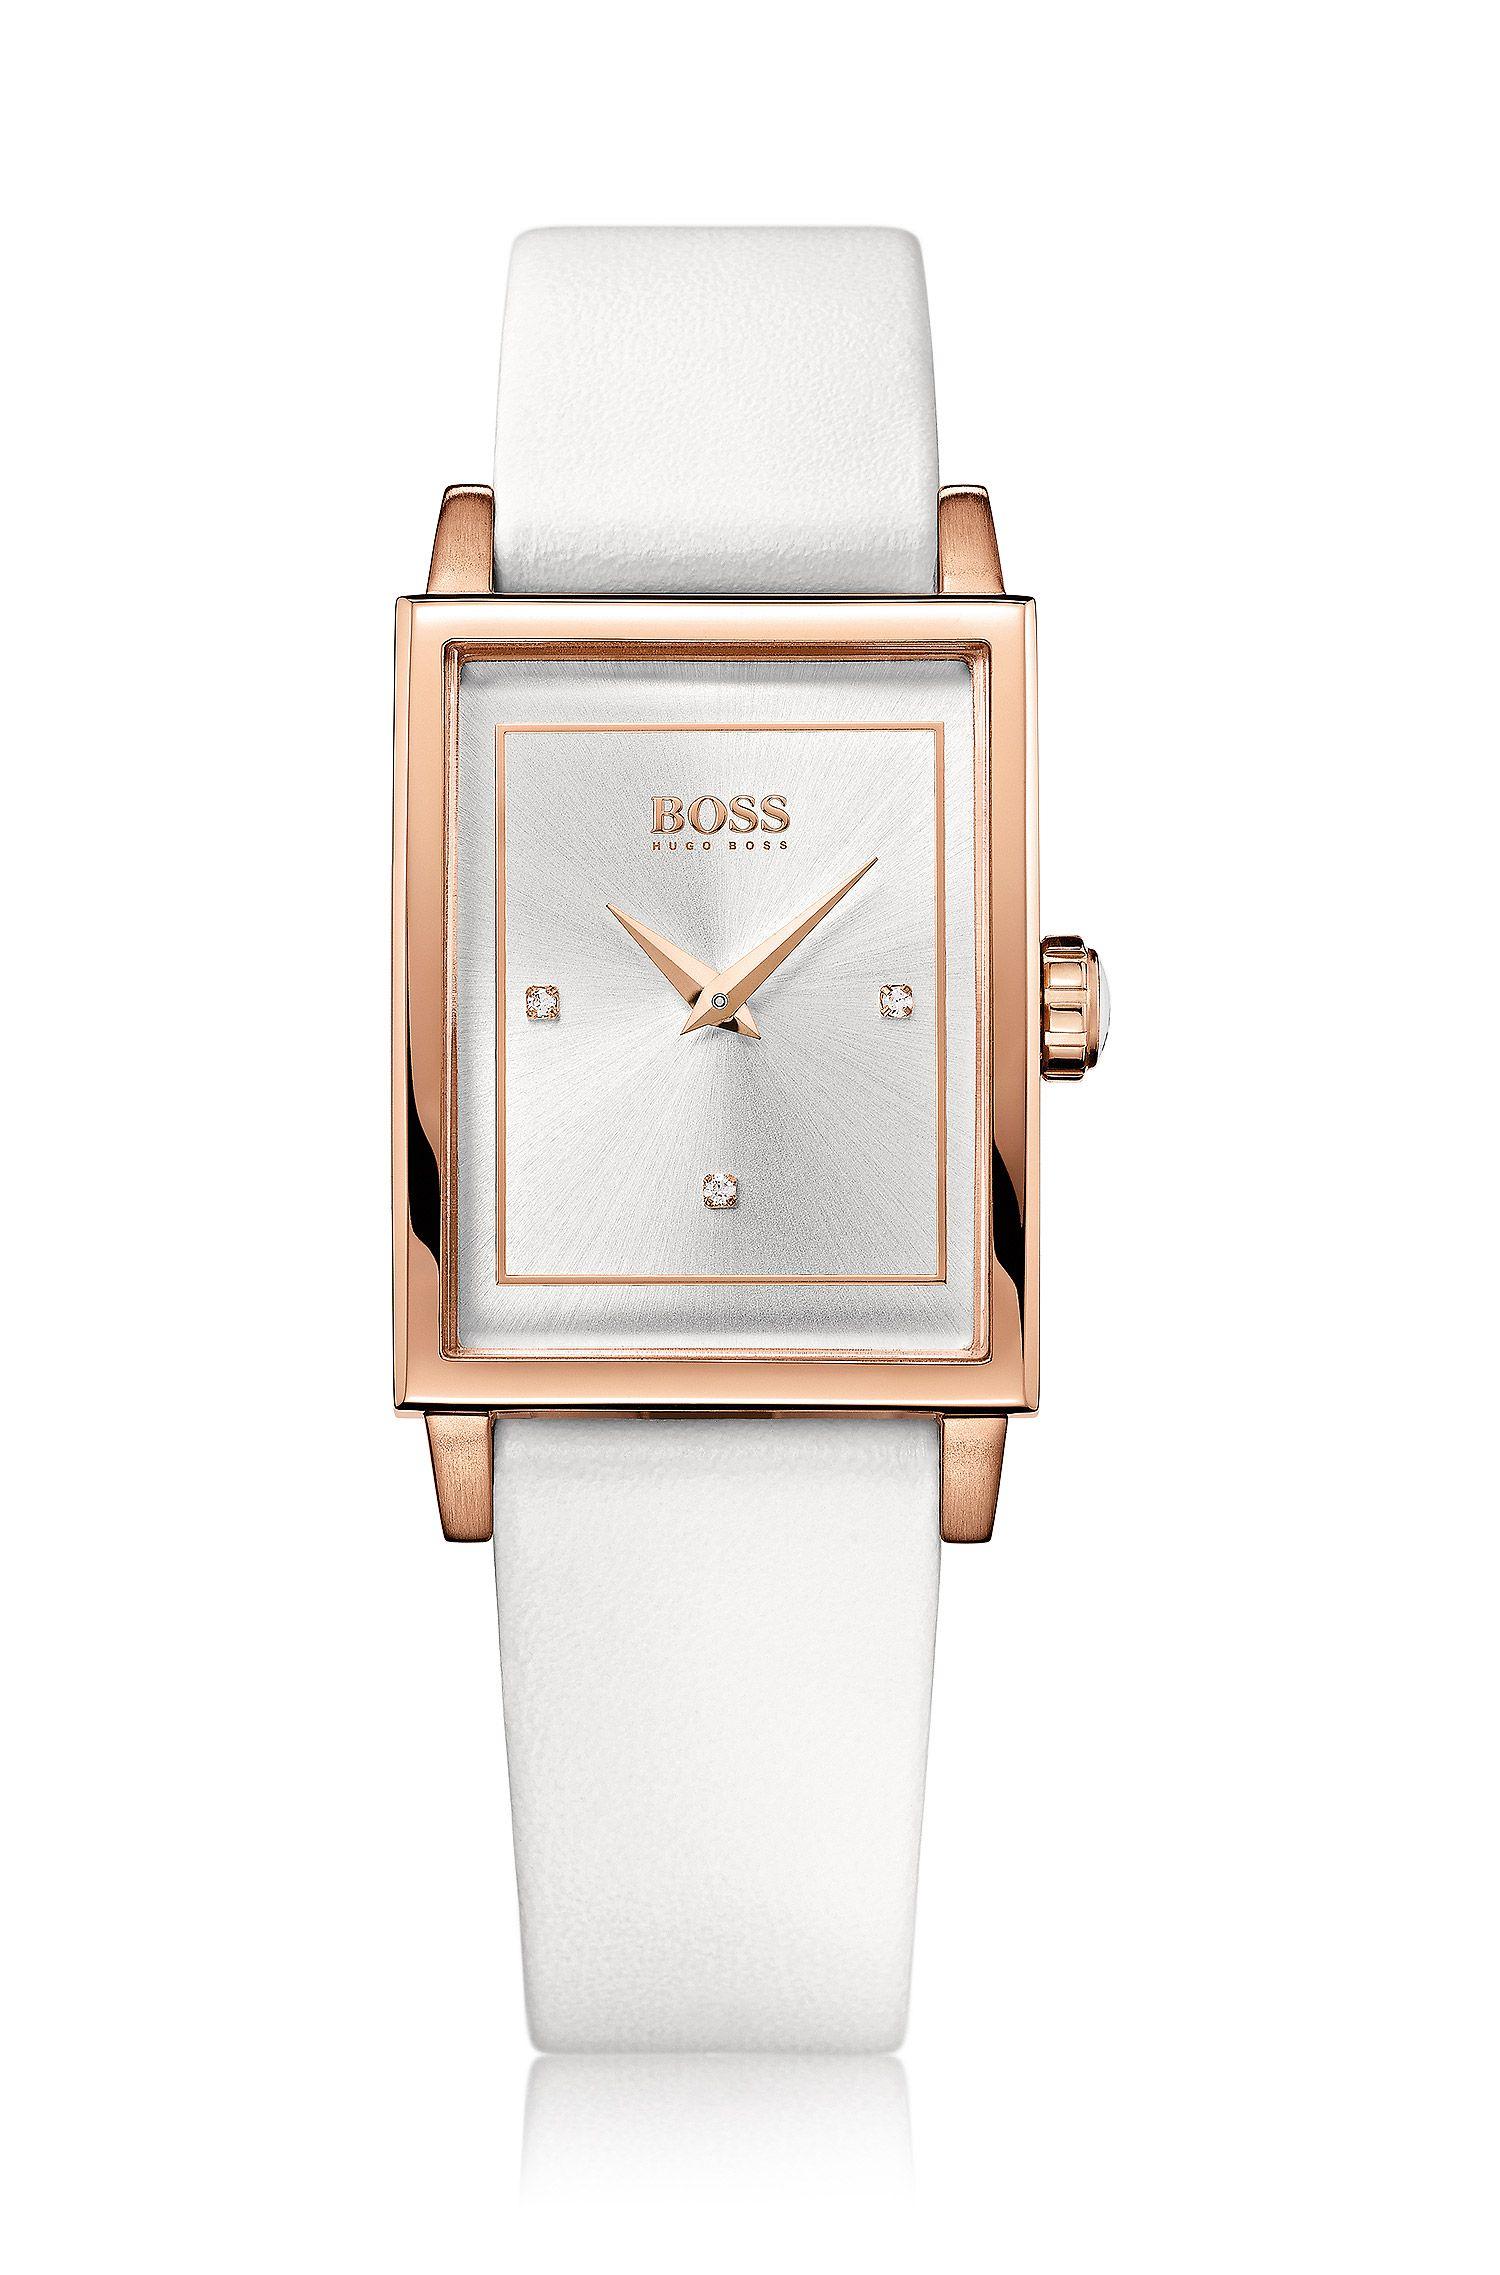 Montre pour femme «HB6009» à bracelet en cuir